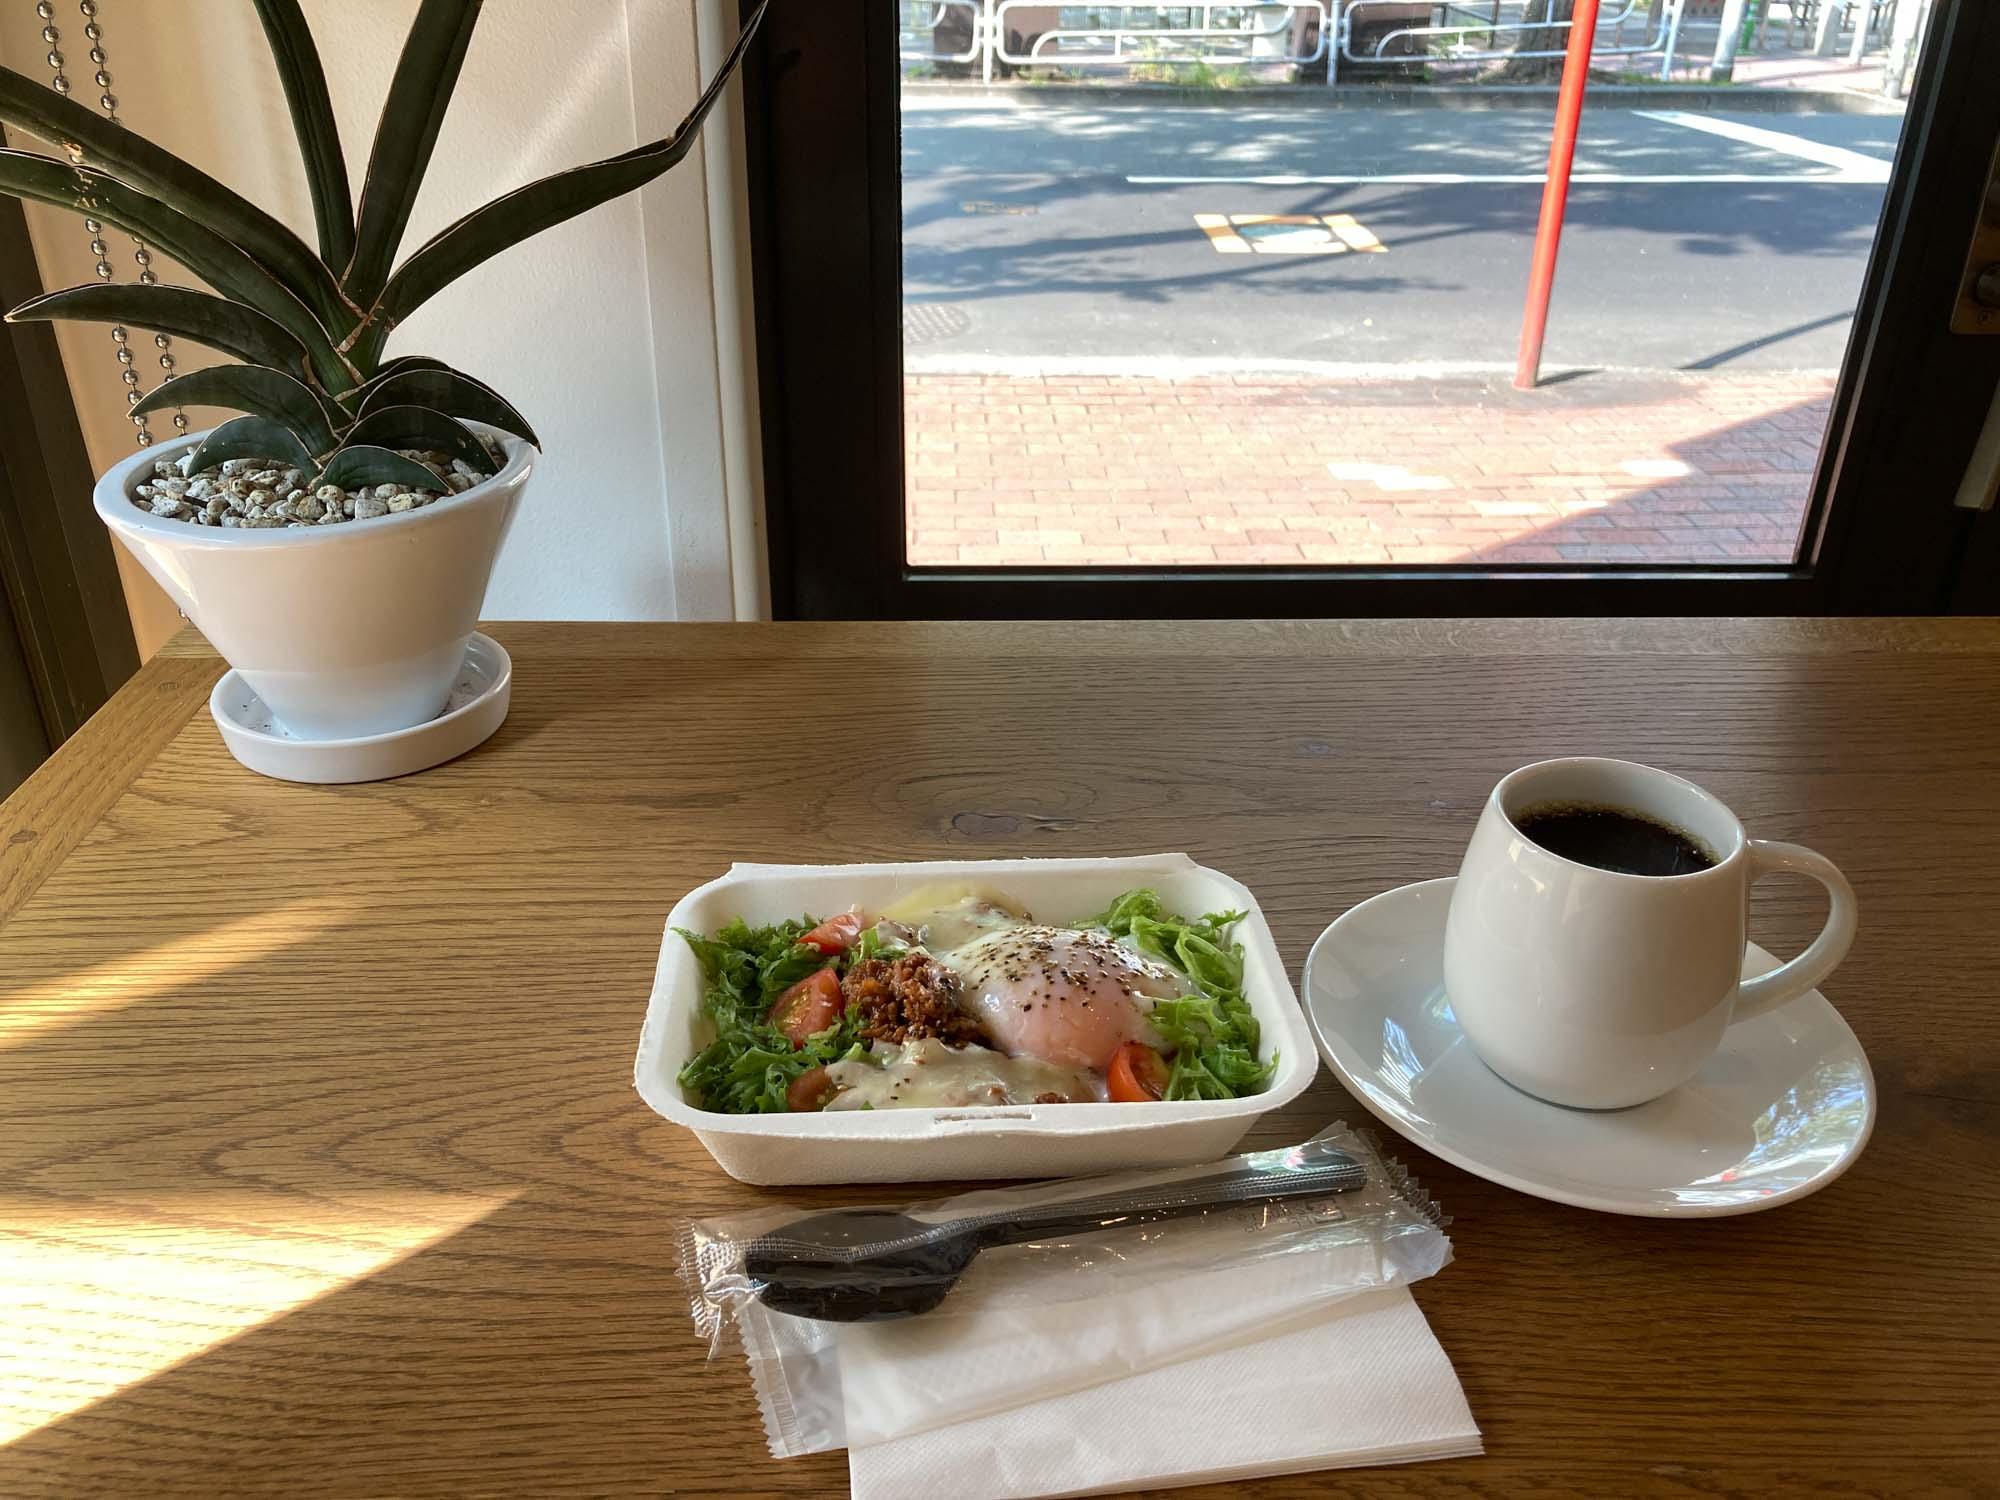 簡単な朝食とコーヒーをいただきました。いい1日のスタートにできそう。